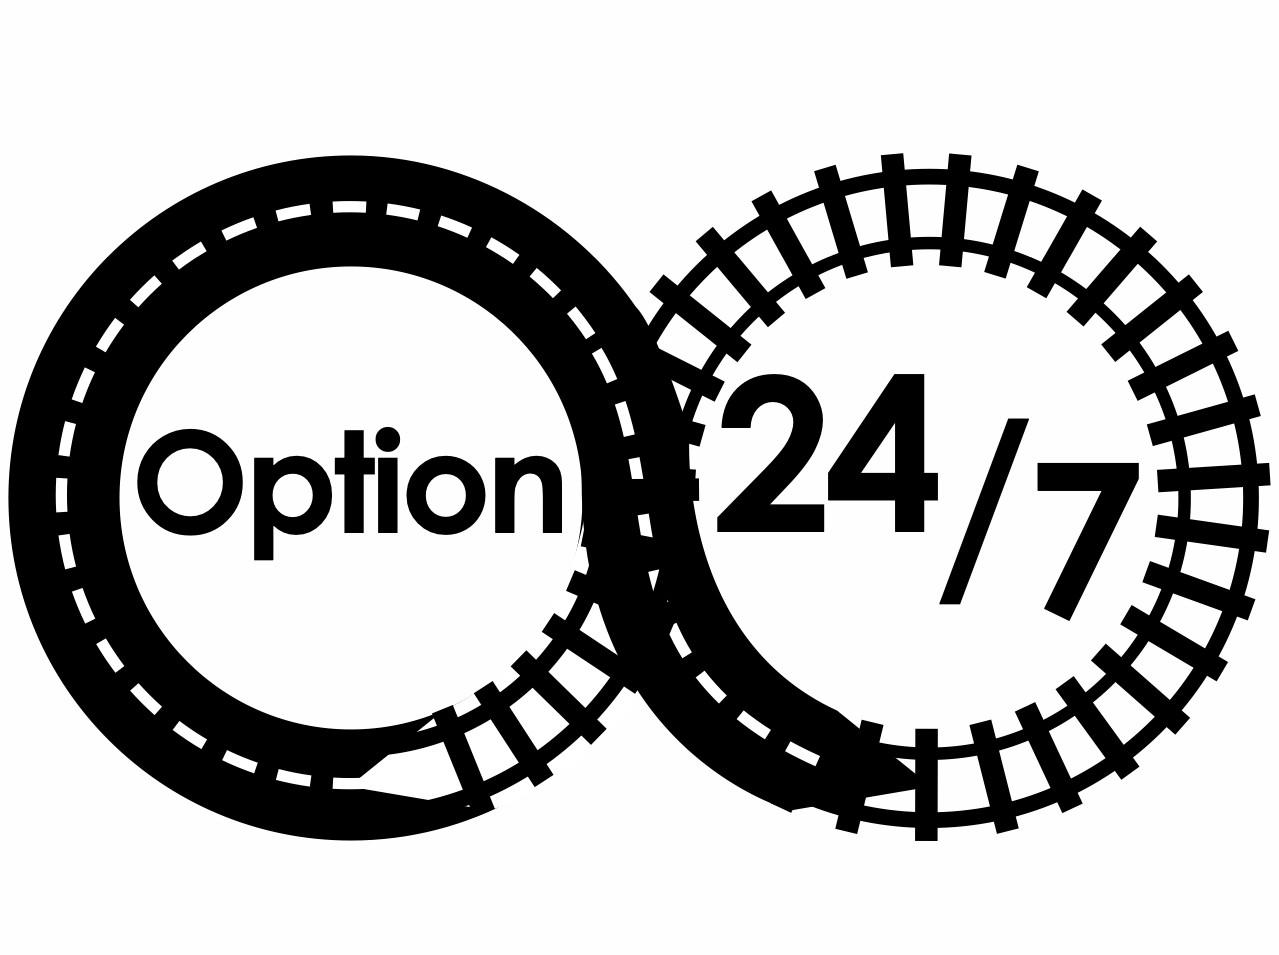 Option 24/7